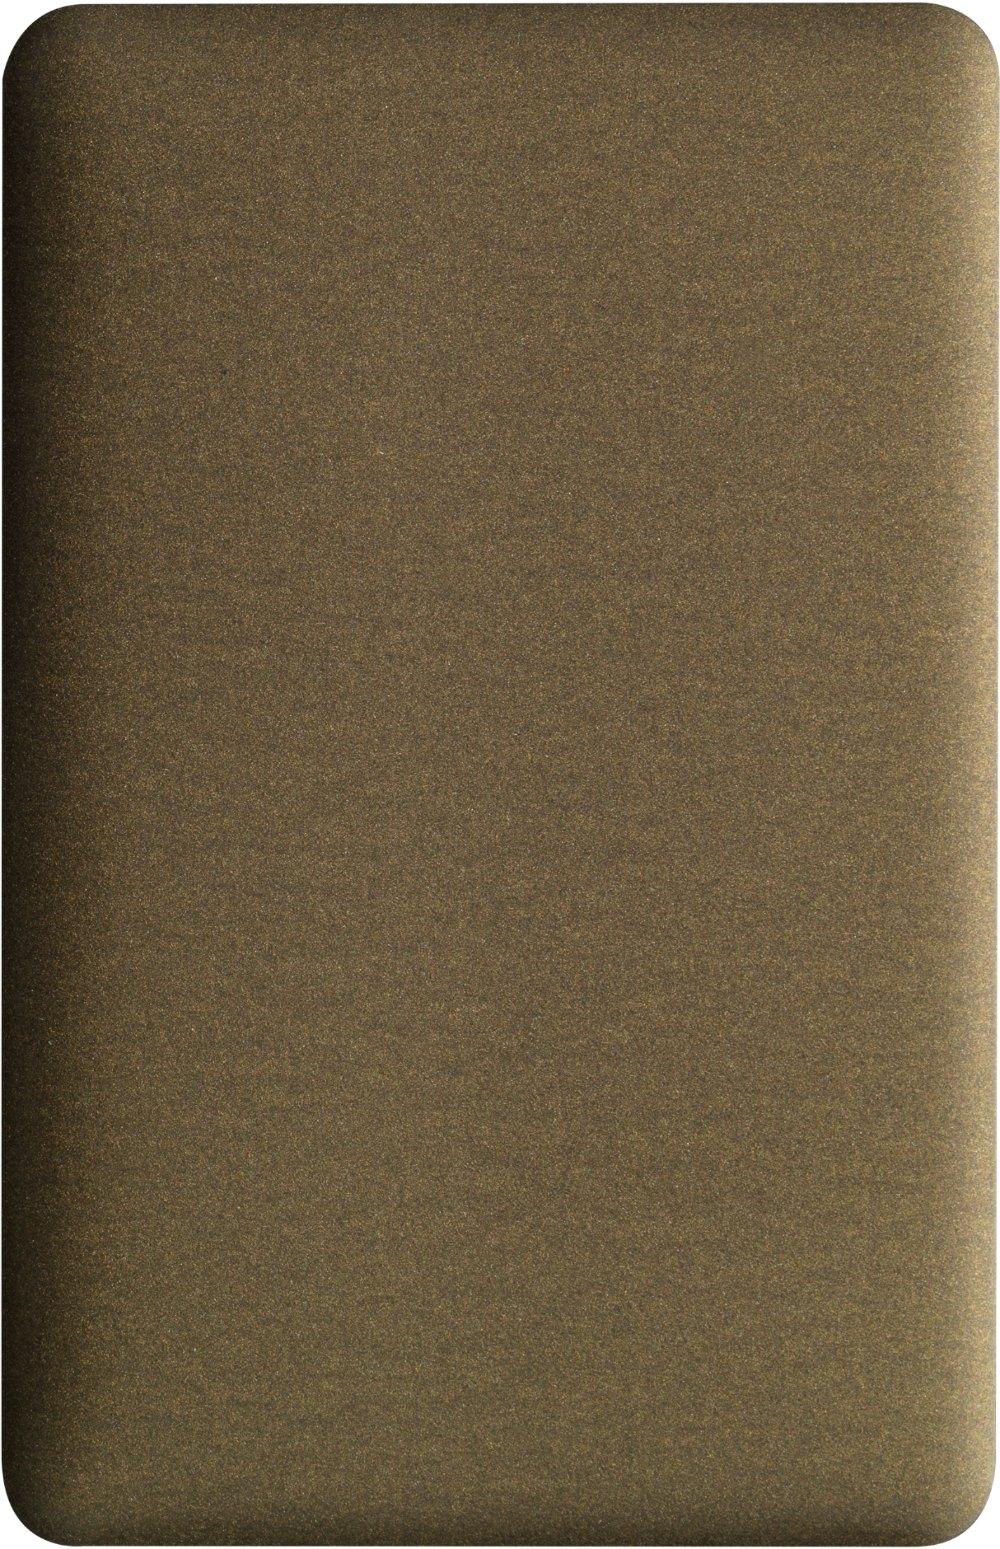 ECP Anomax 3L Lum C2-Bronze